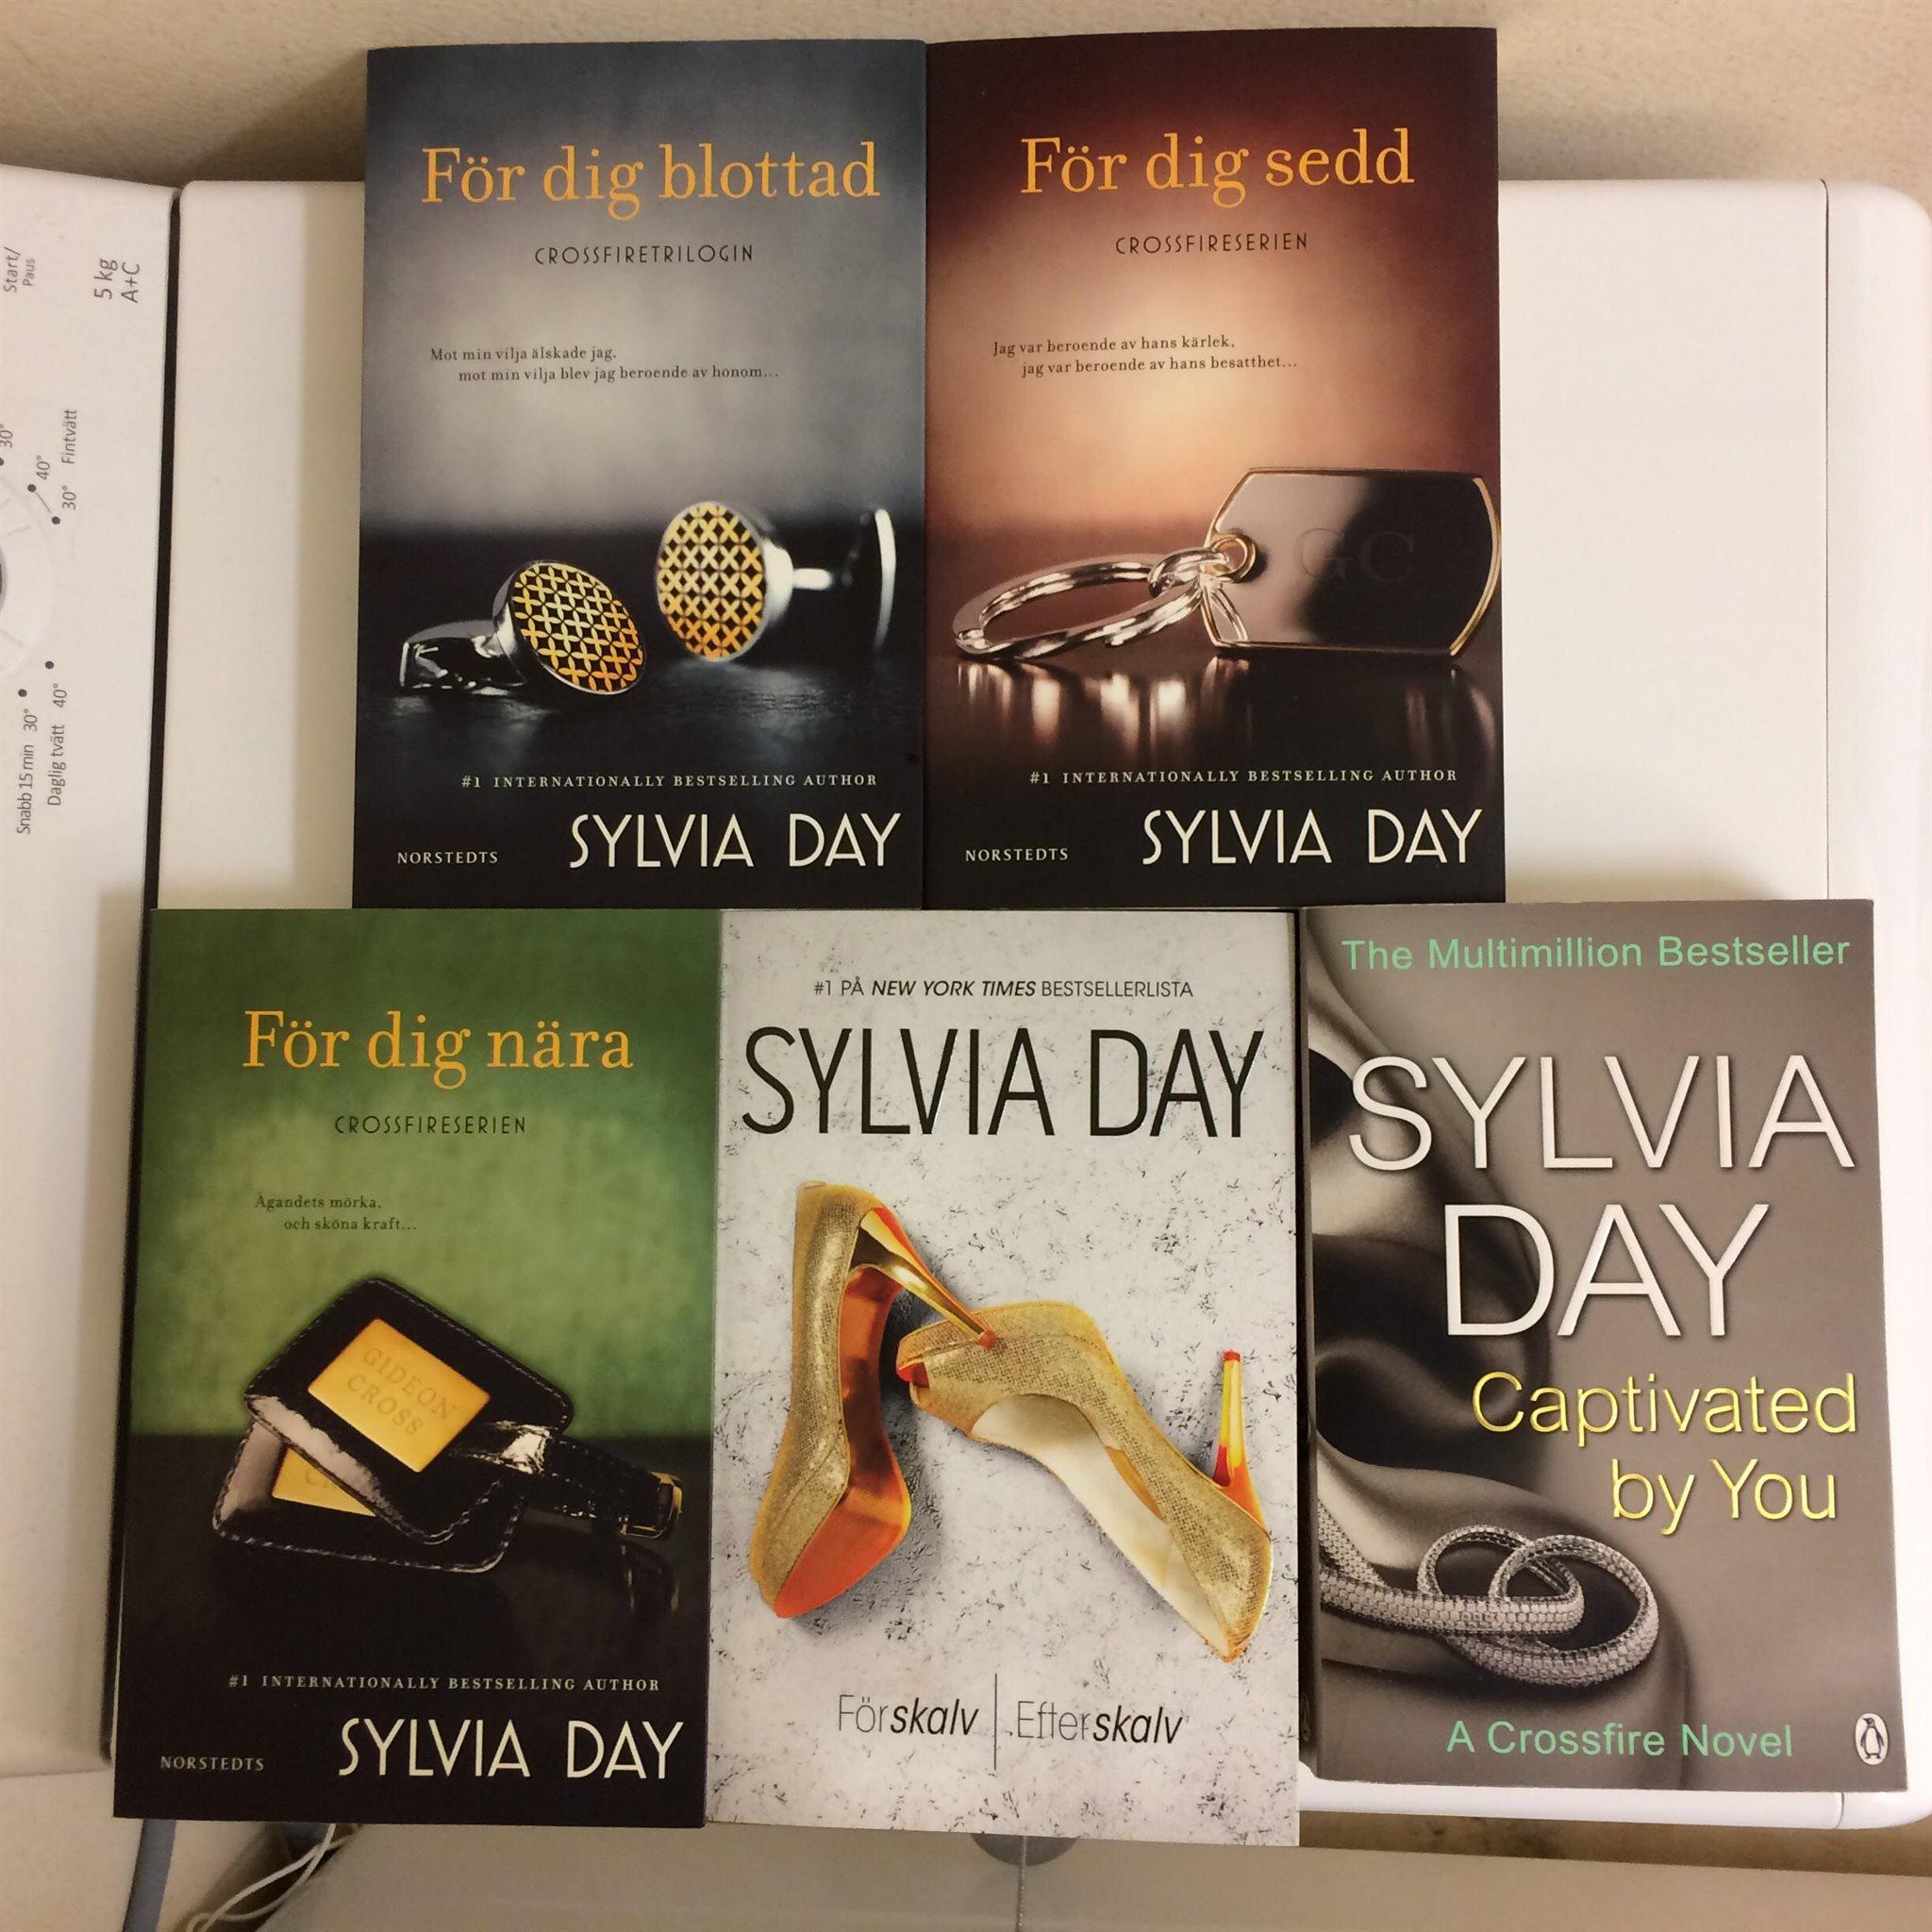 Crossfireserien 1 4 Sylvia Day för dig nära sedd blottad f¥ngad